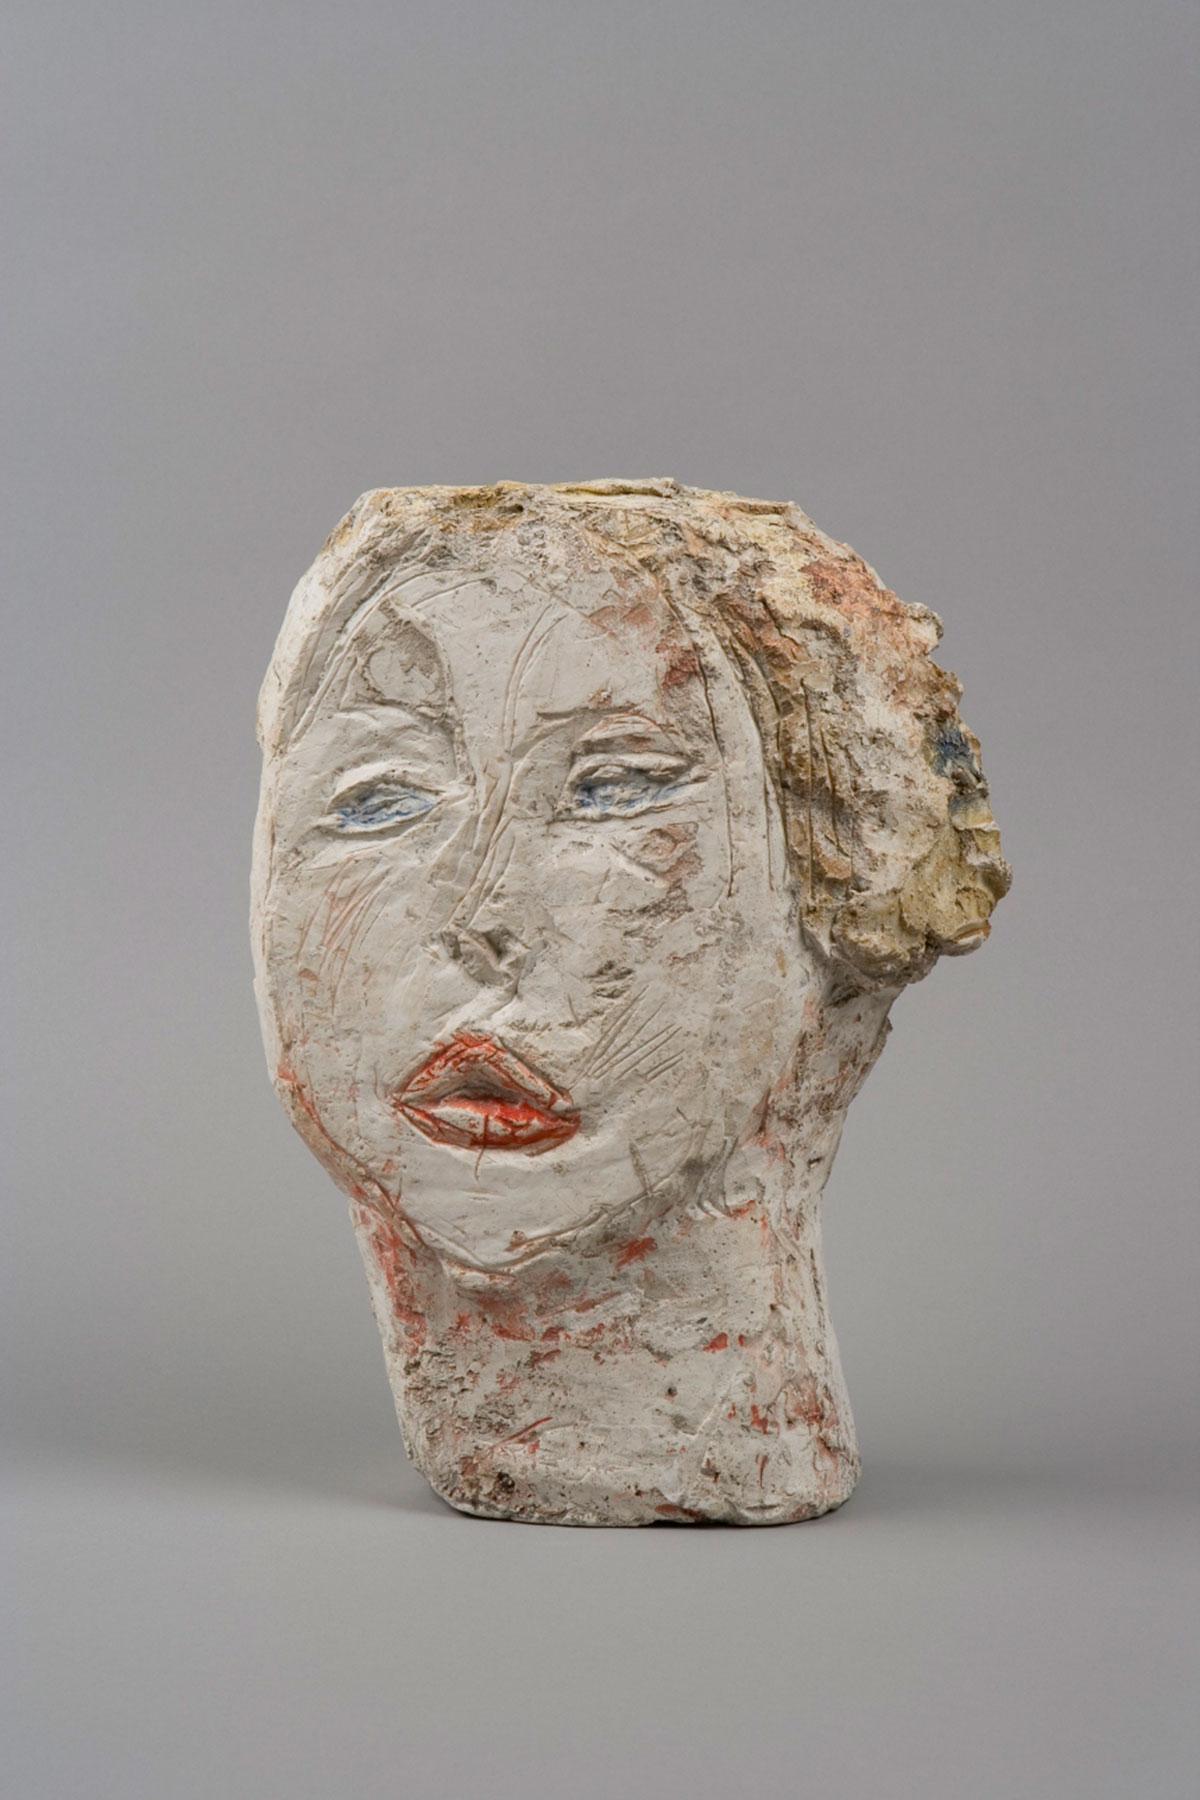 Head of Woman [Flora Mayo] Collection Fondation Alberto et Annette Giacometti, Paris © Alberto Giacometti Estate, ACS/DACS, 2017